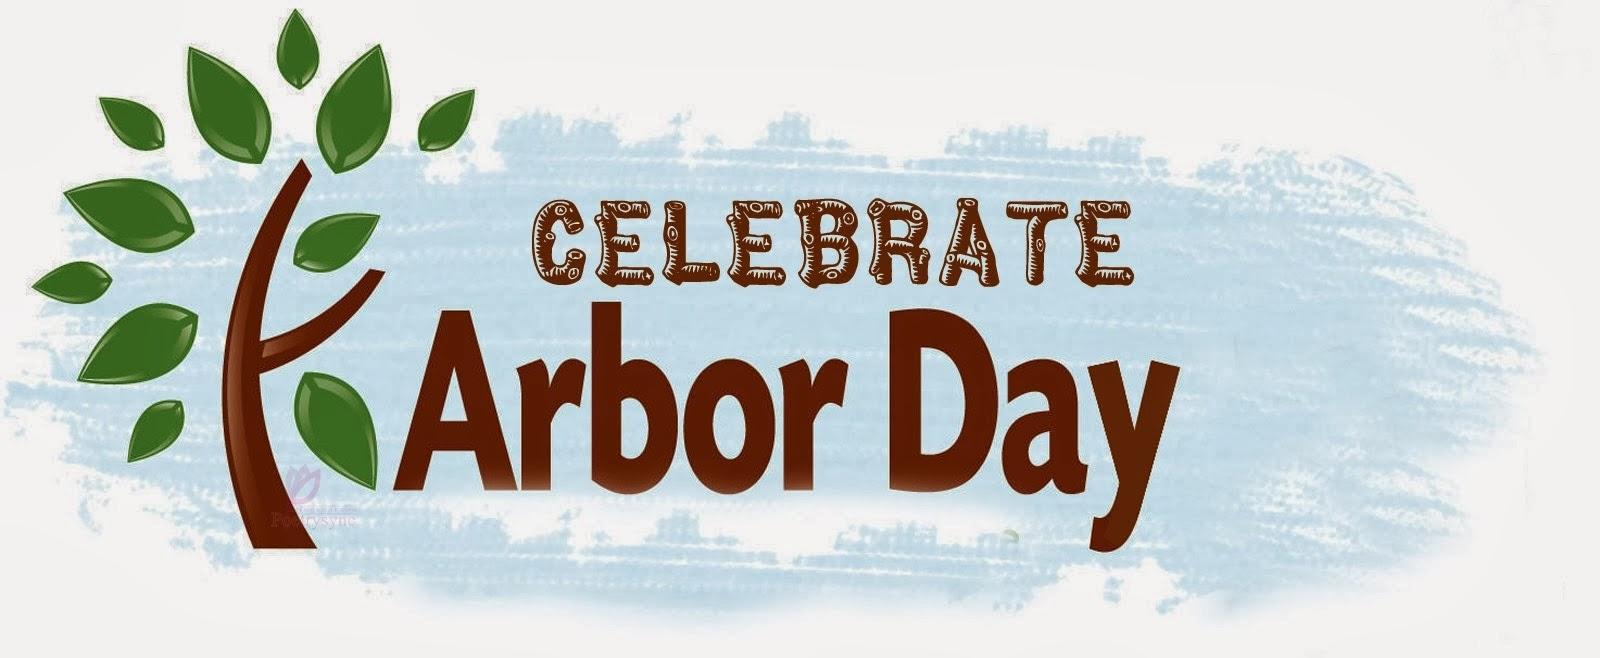 Happy Arbor Day Celebrations